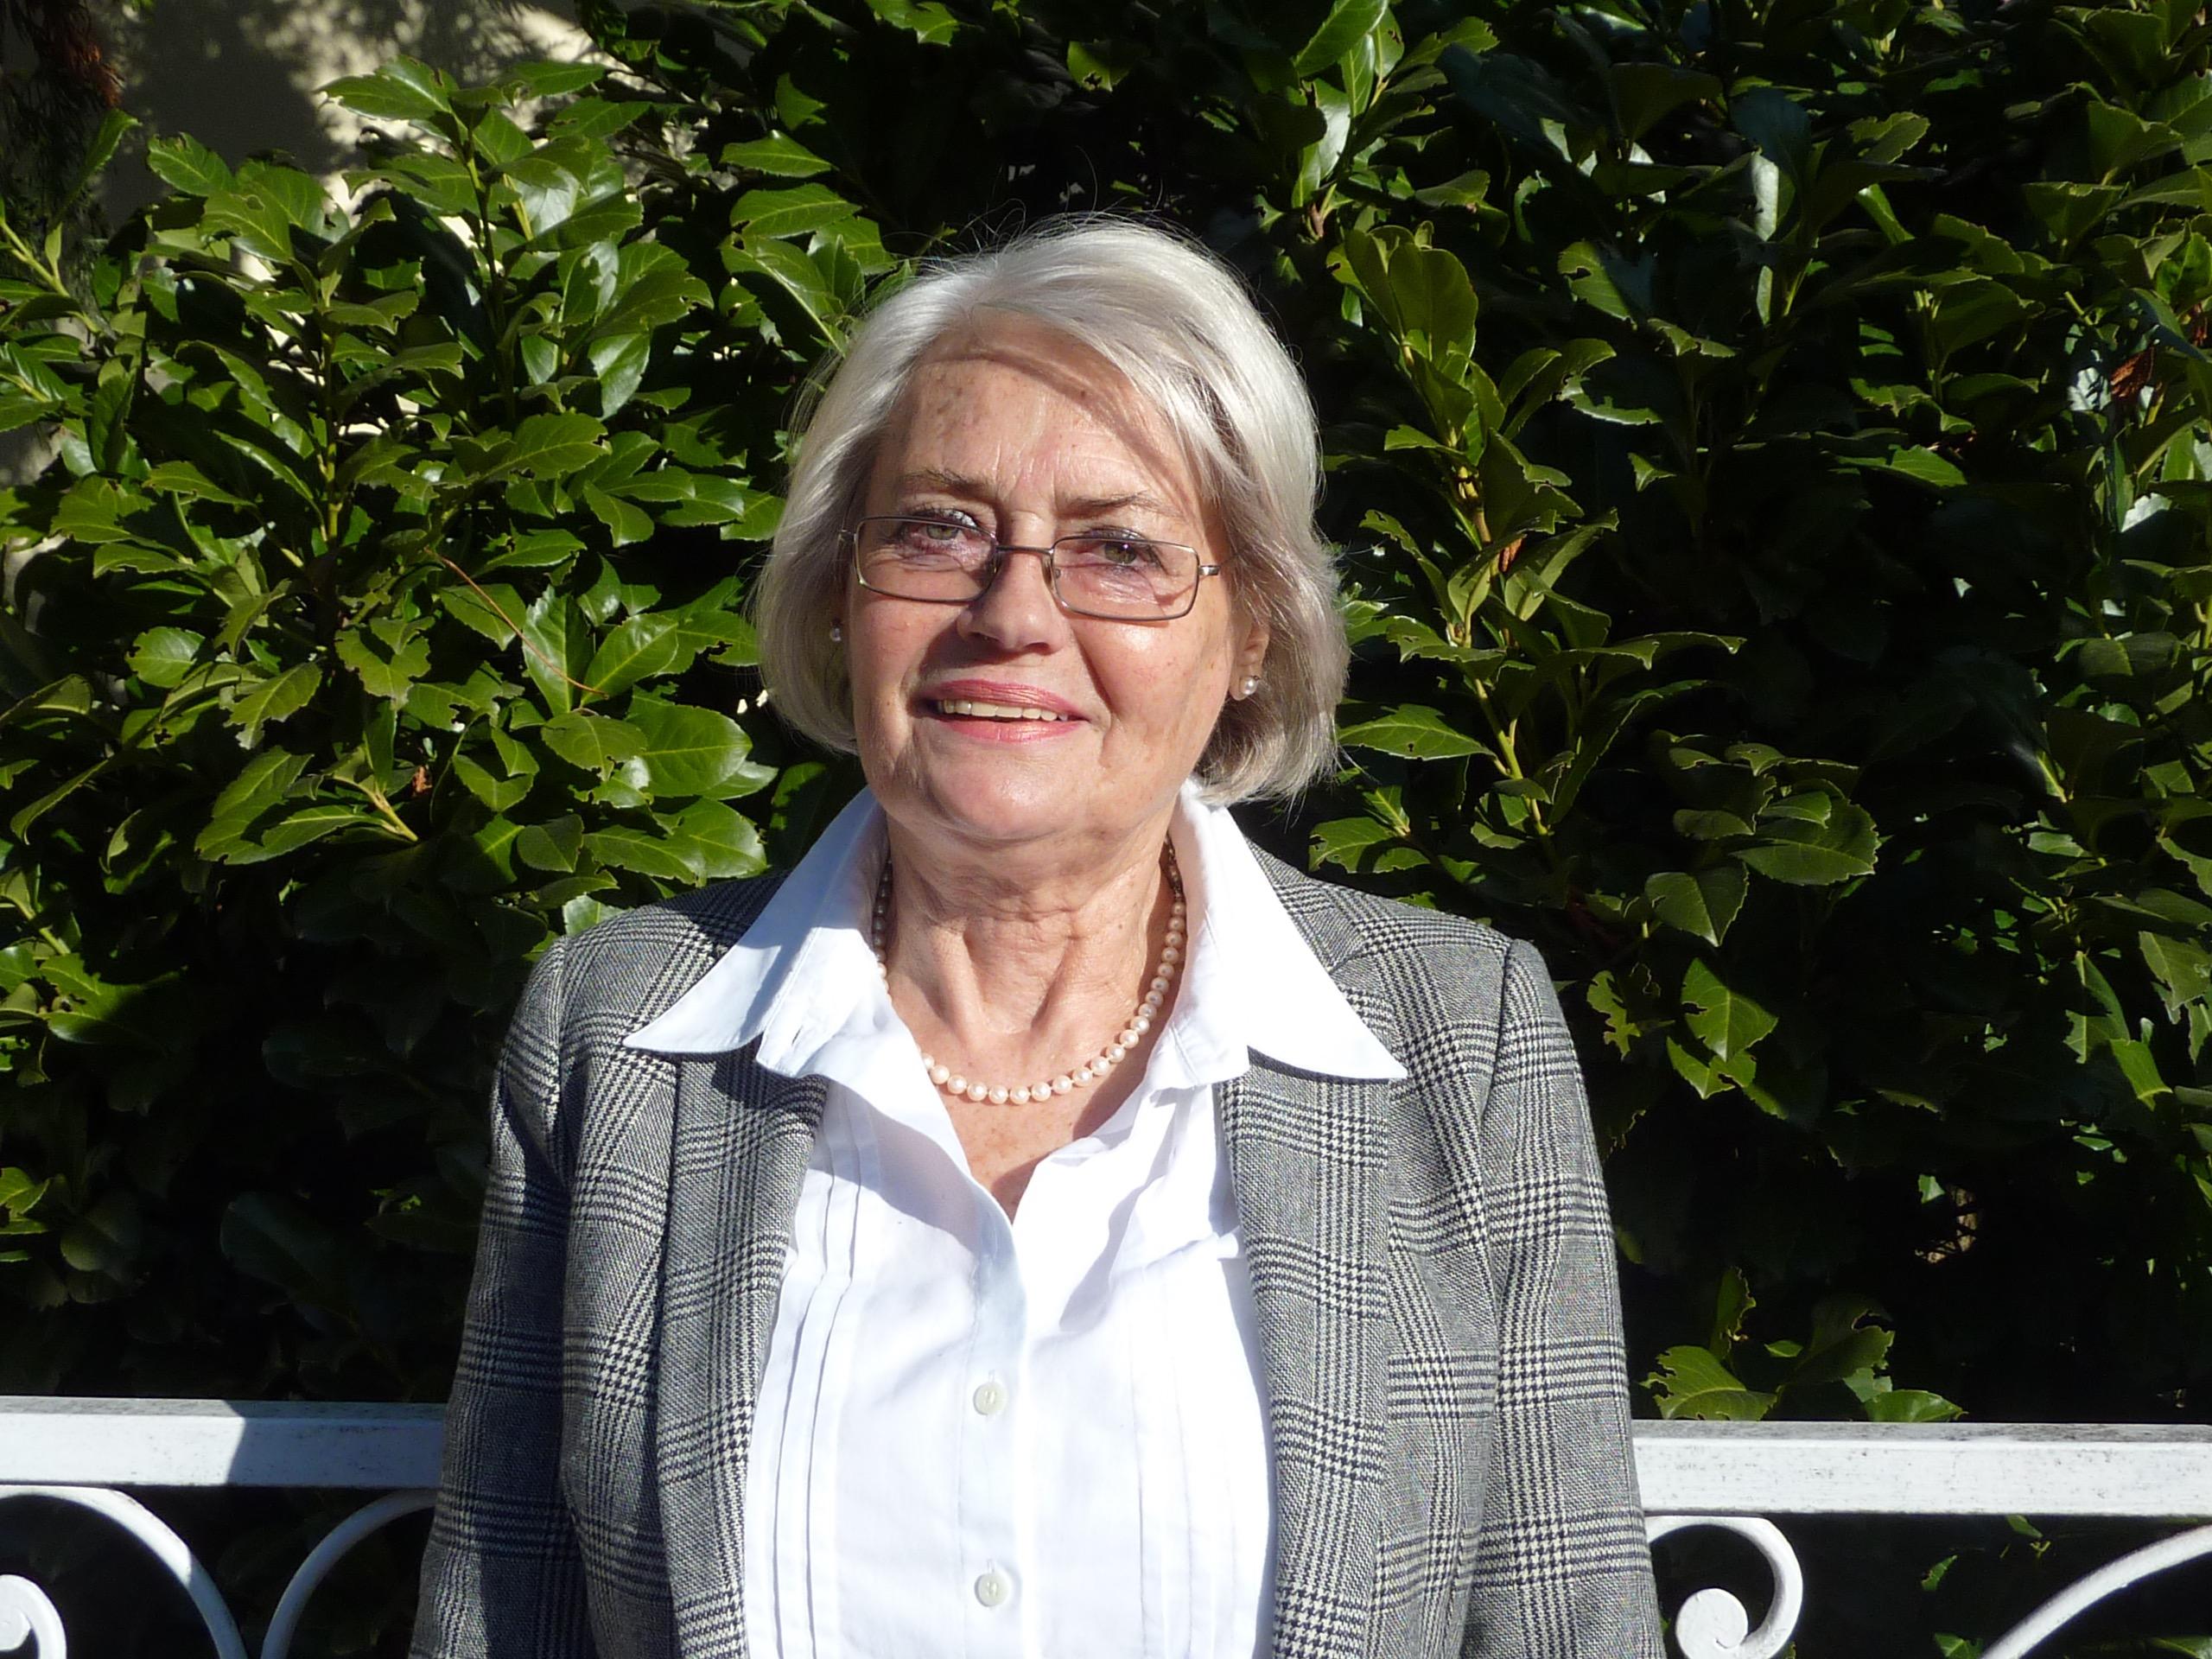 Heidi Baier